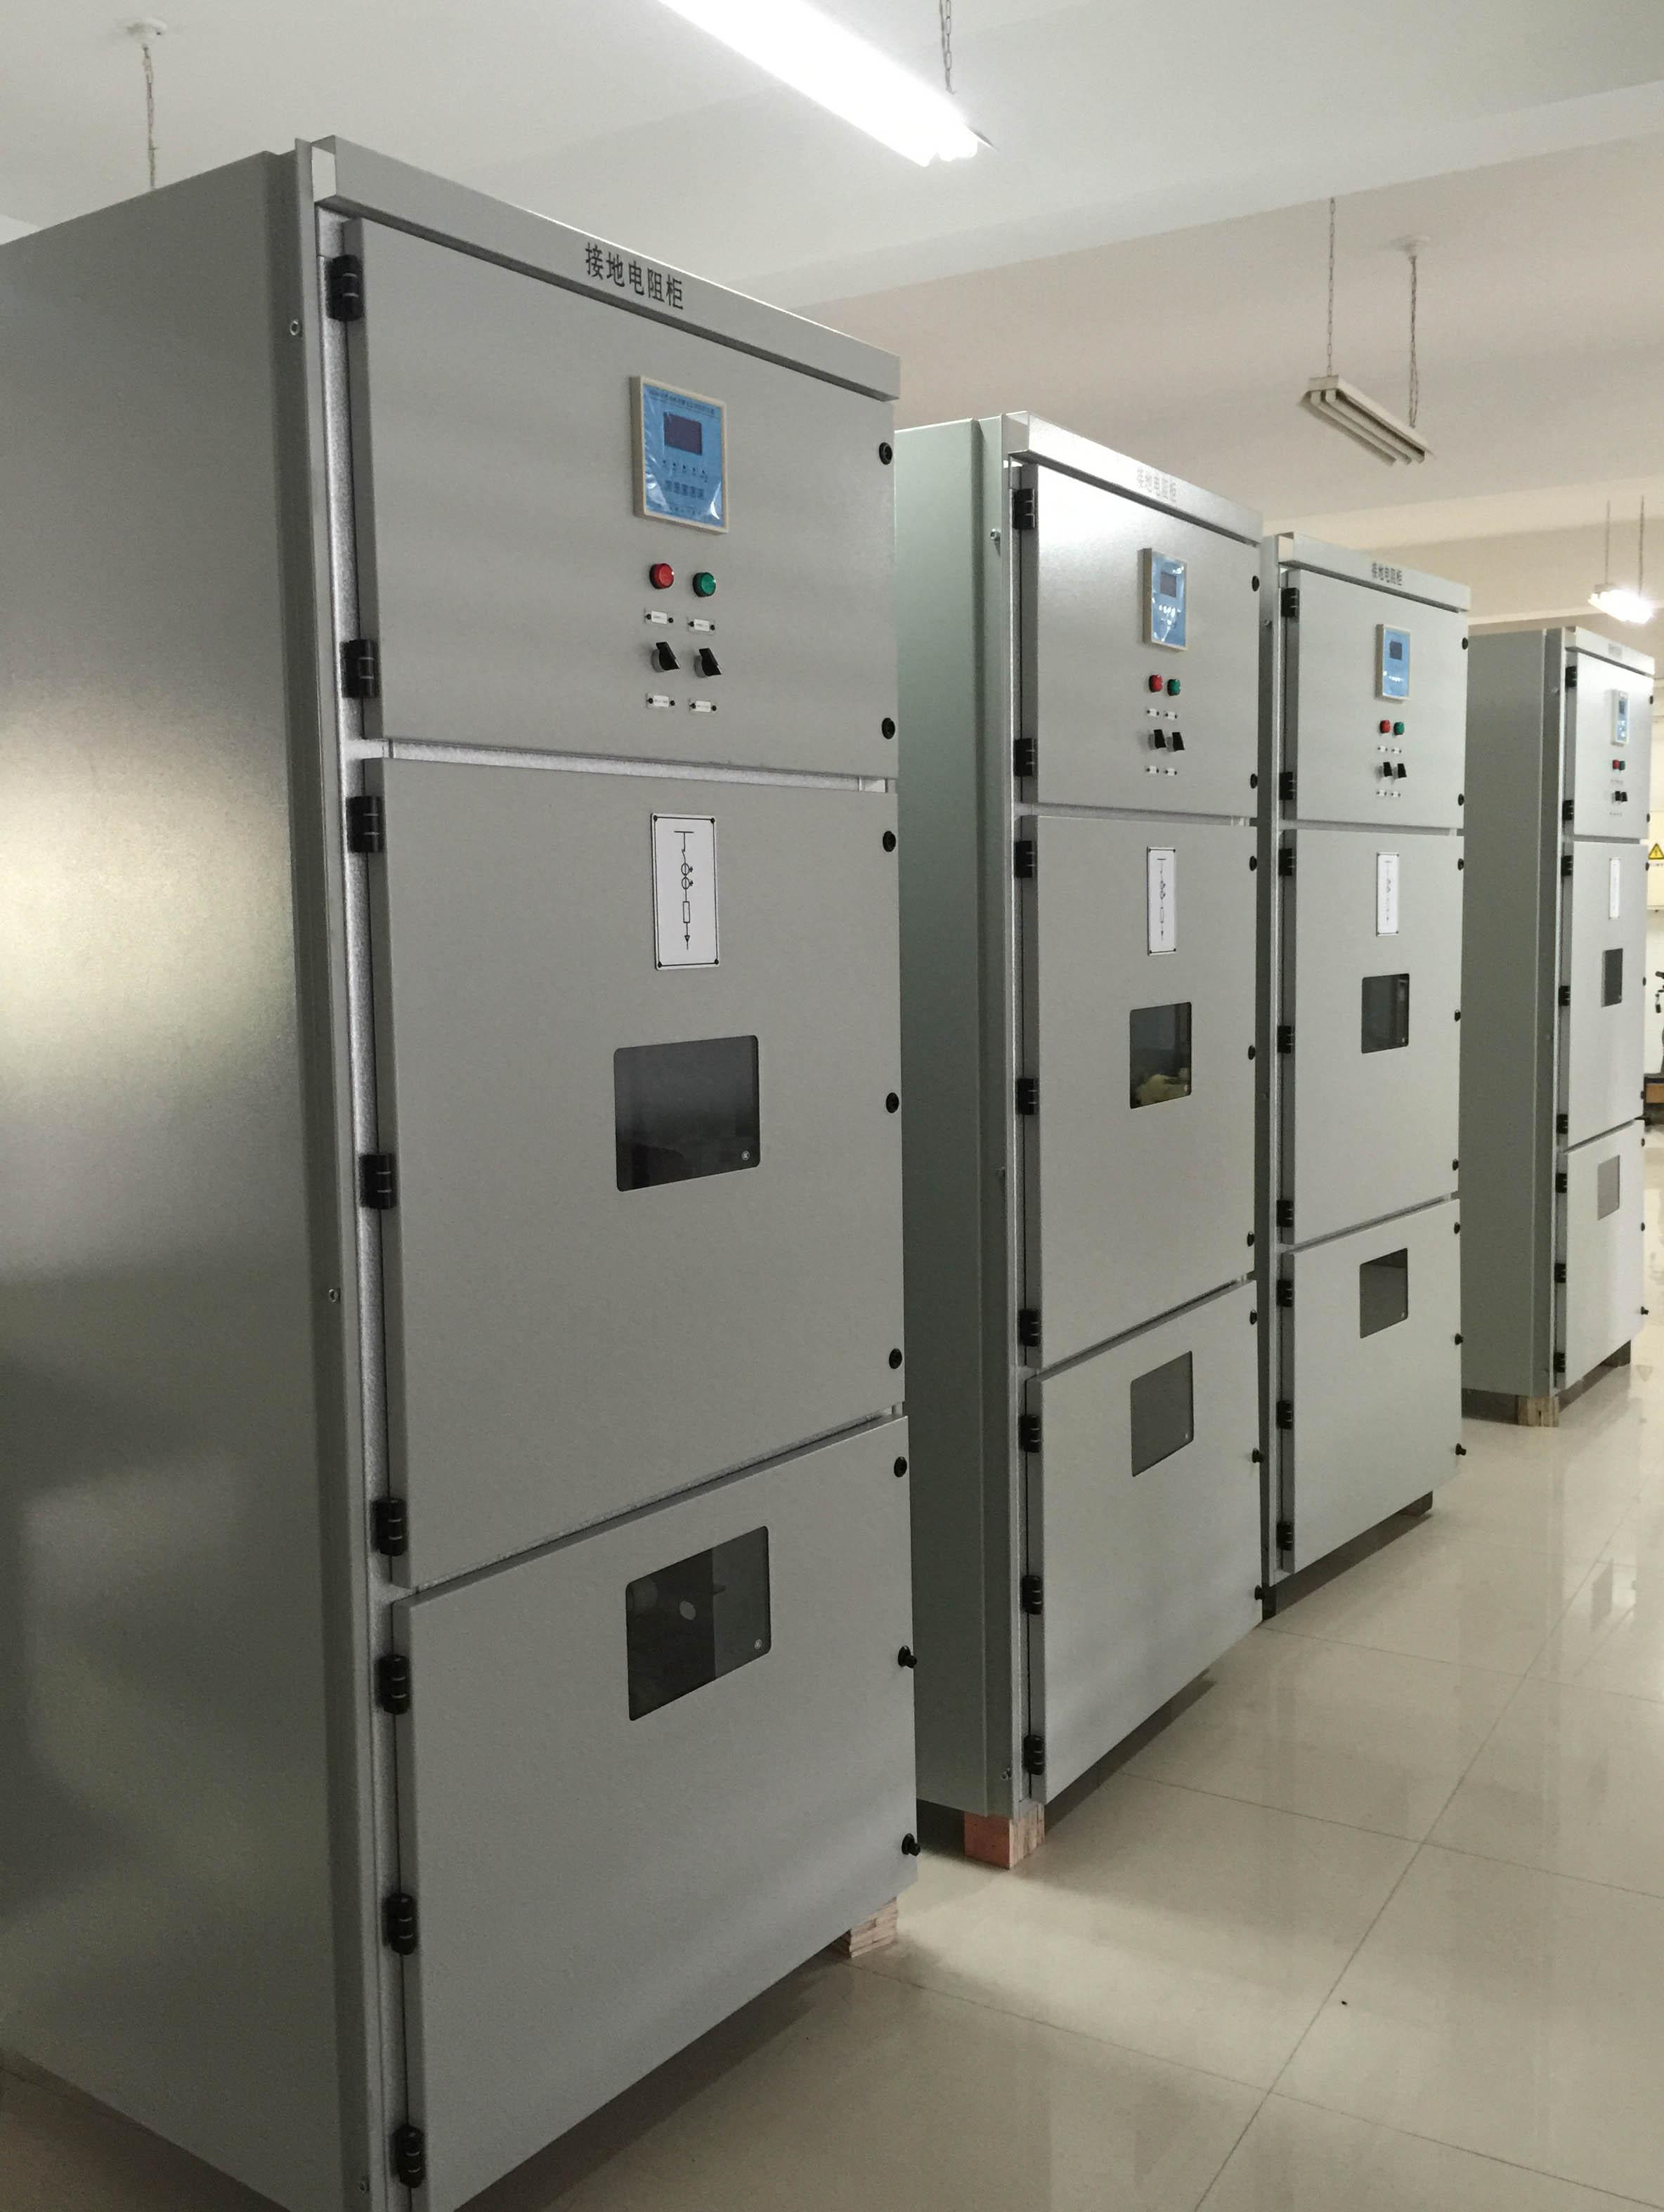 接地电阻柜和消弧线圈二者之间有什么区别